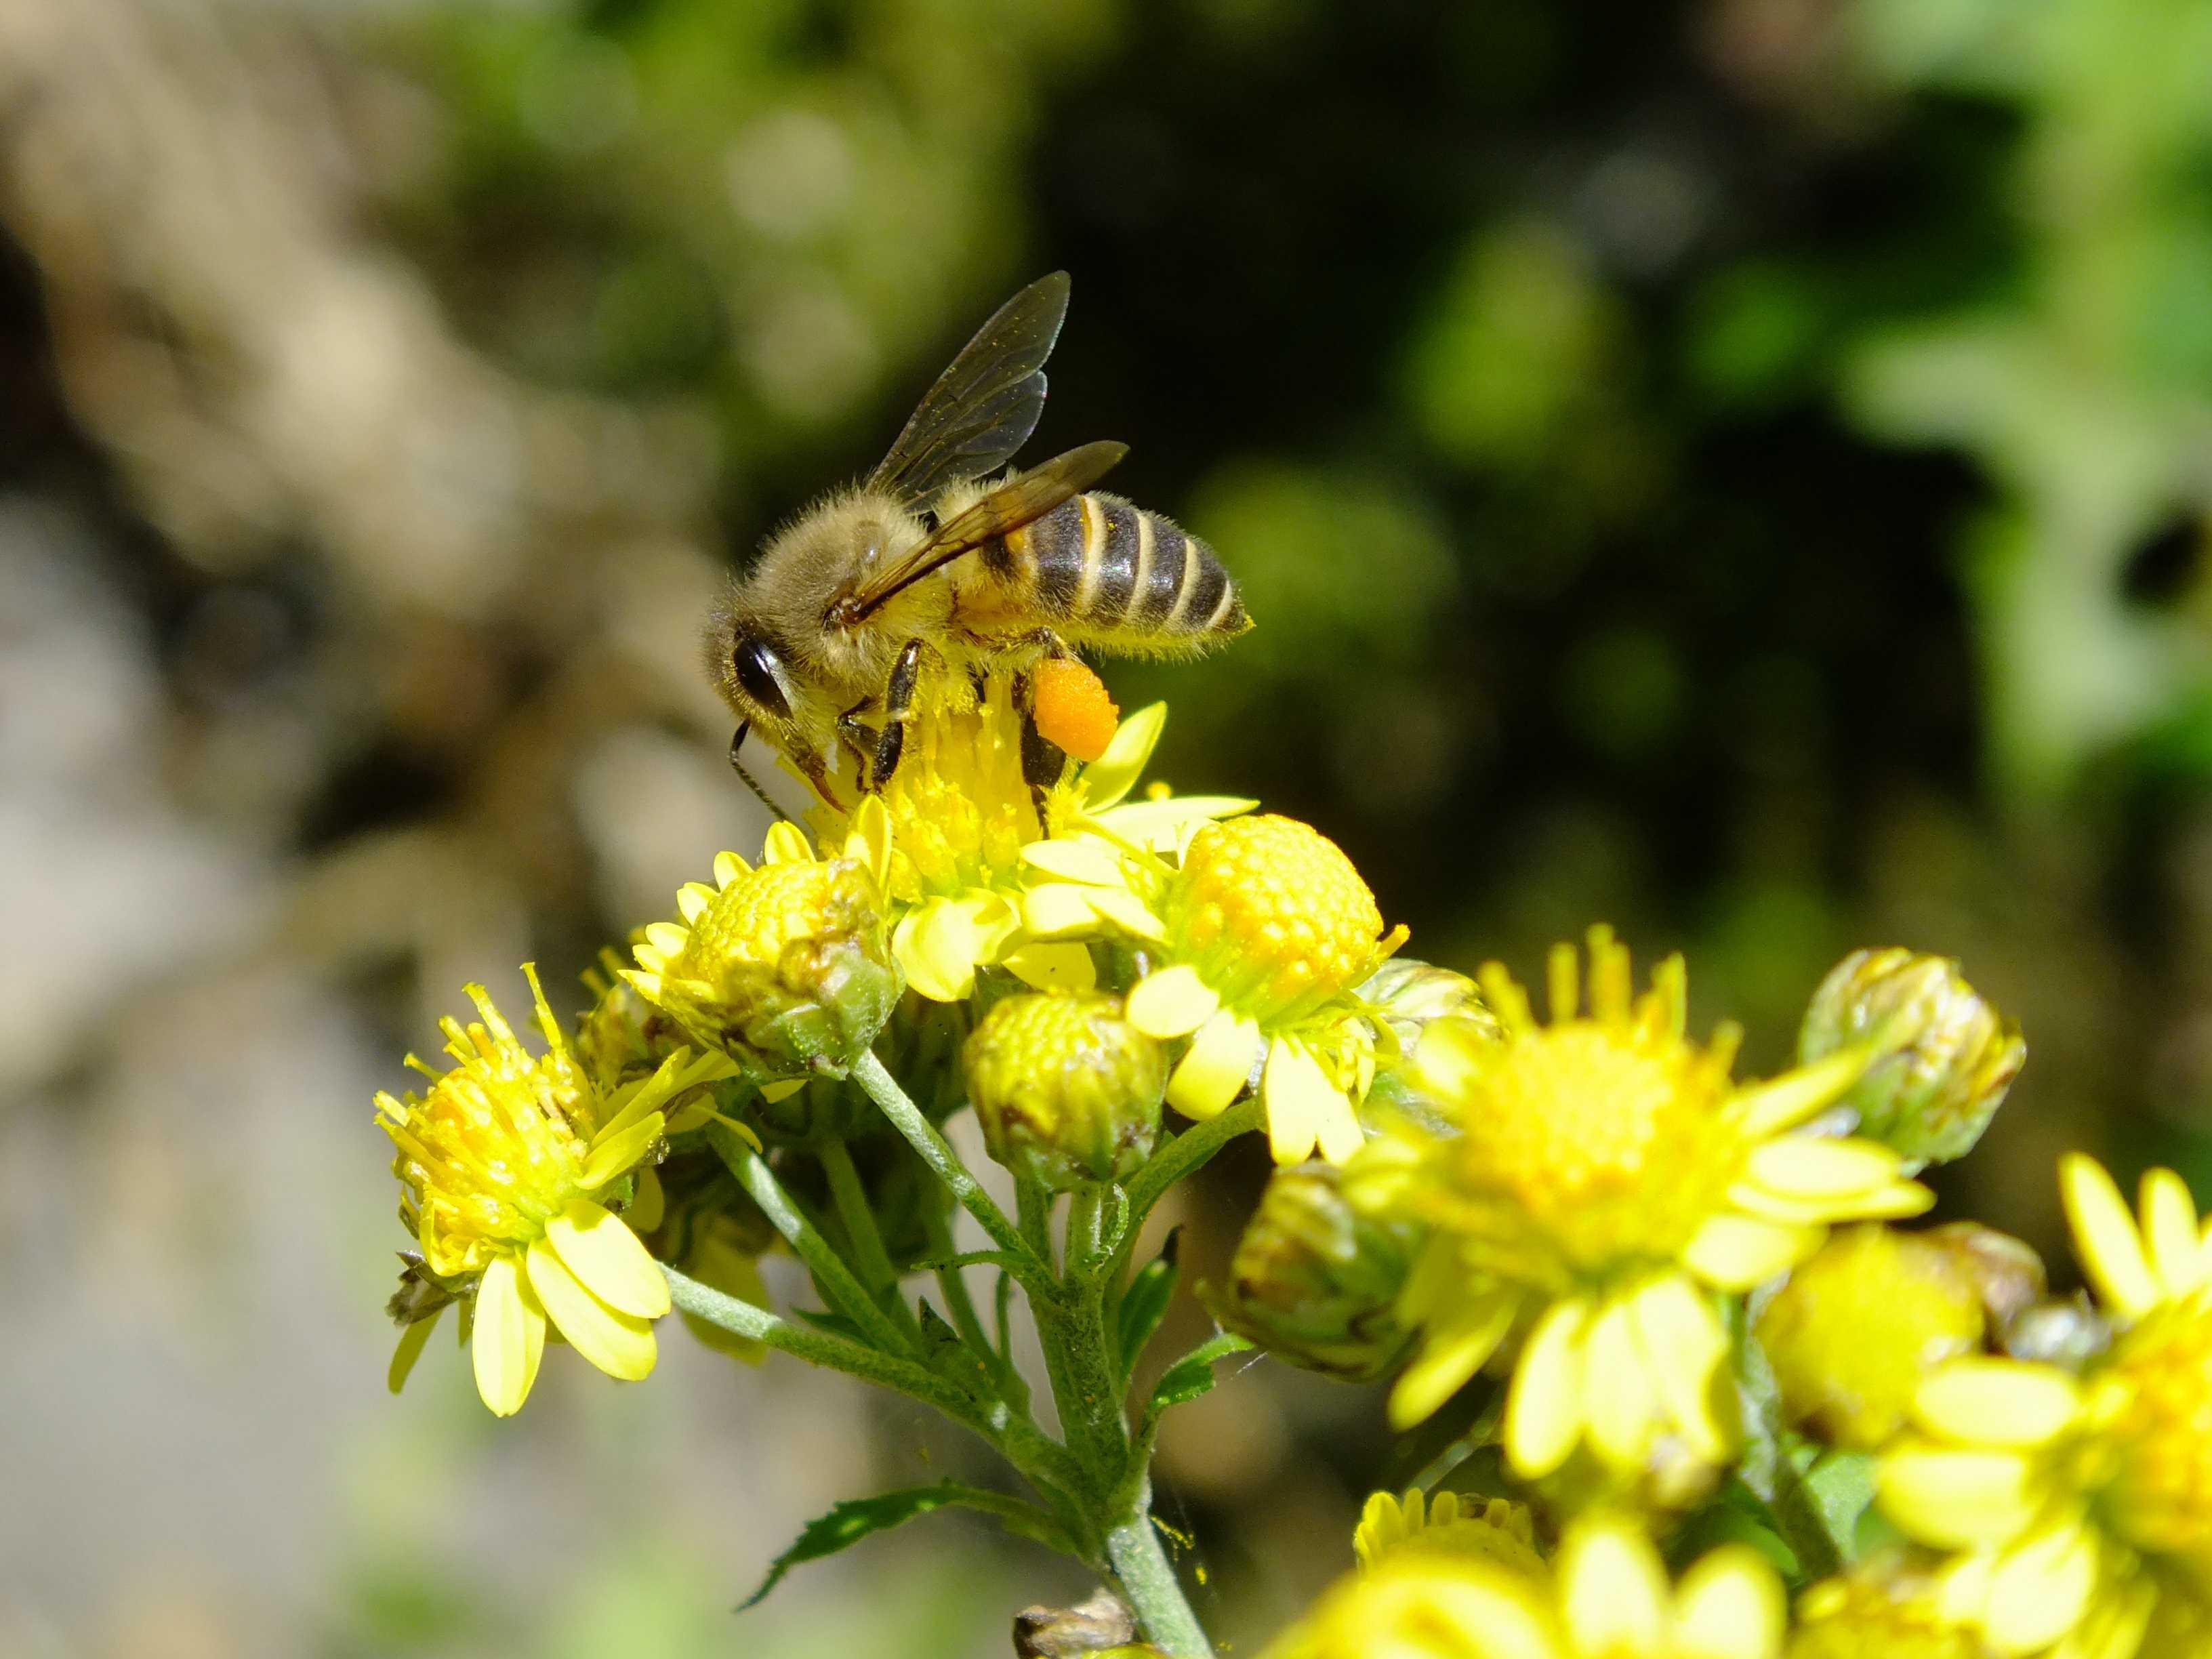 一只蜜蜂的今生来世